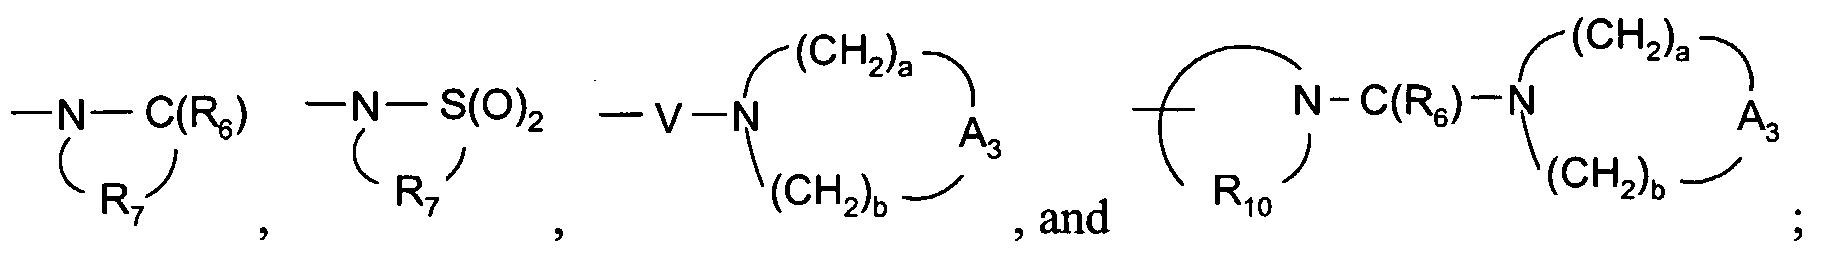 Figure imgf000281_0002